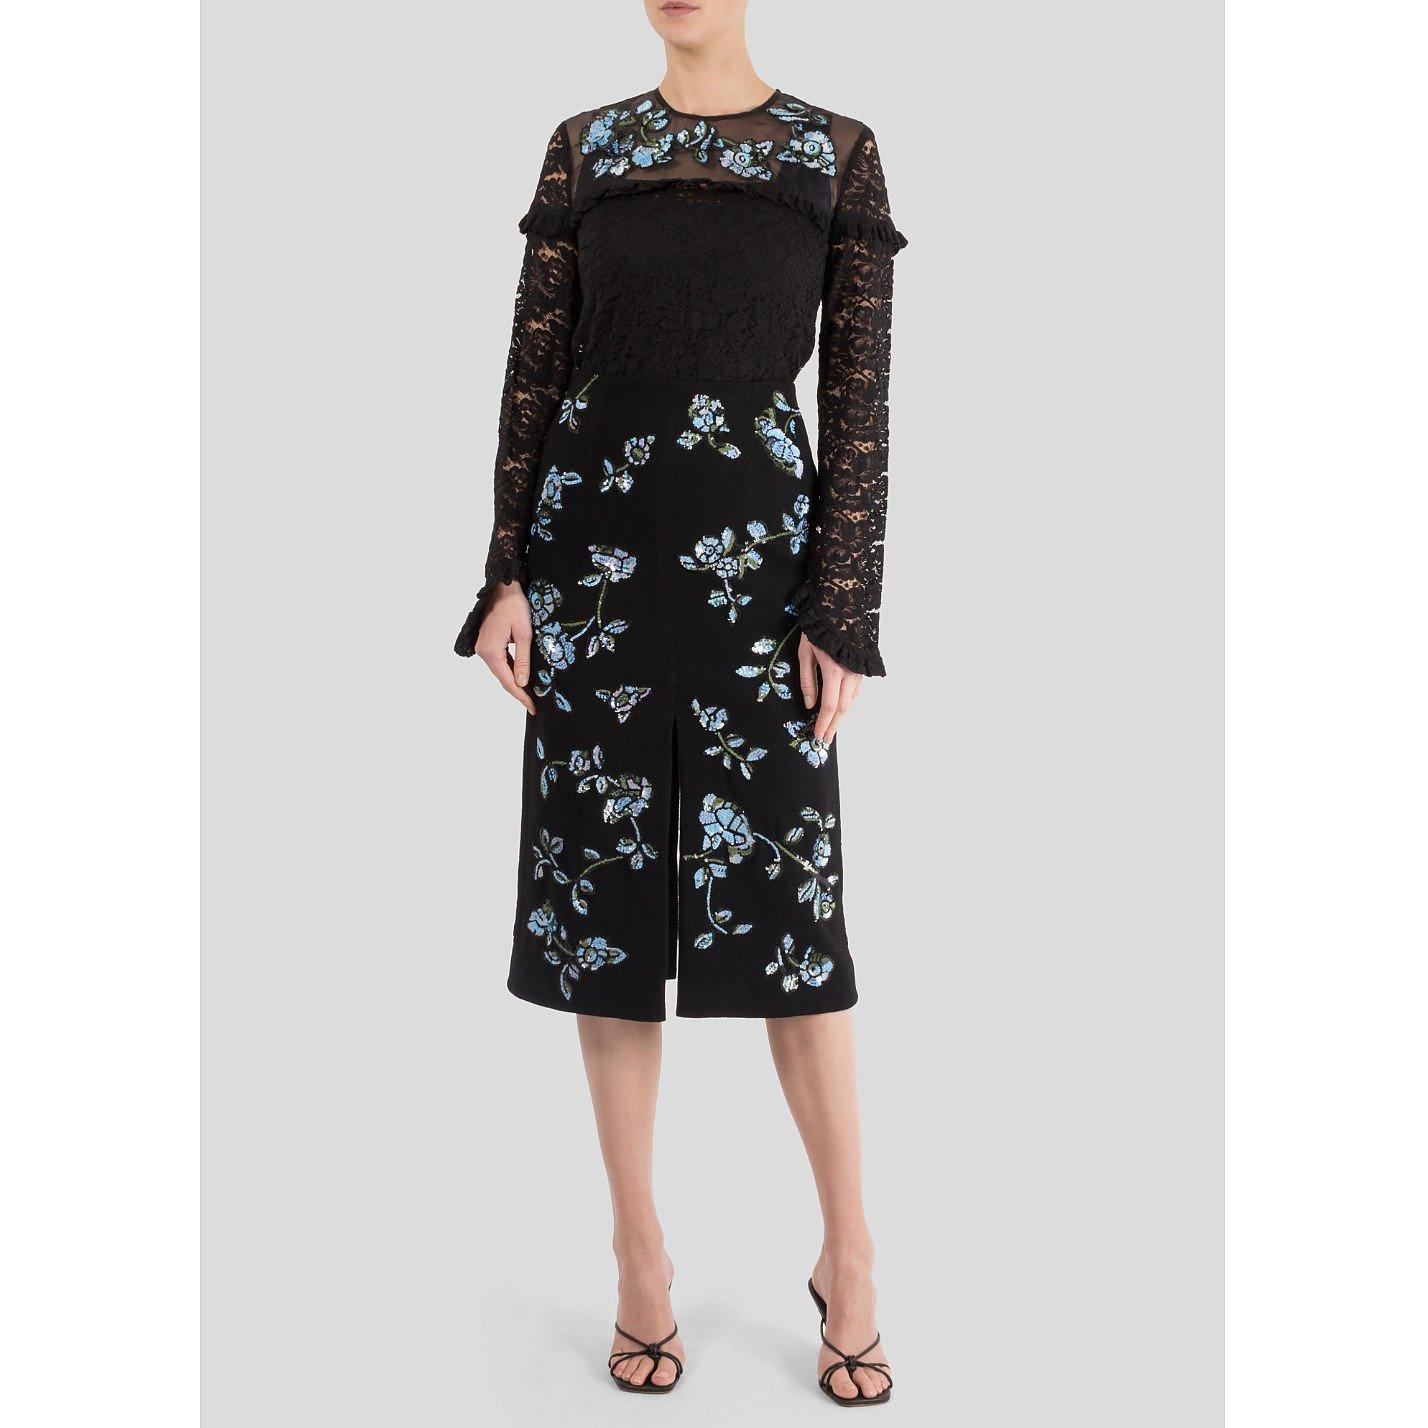 Markus Lupfer Charlie Sequin Floral Skirt